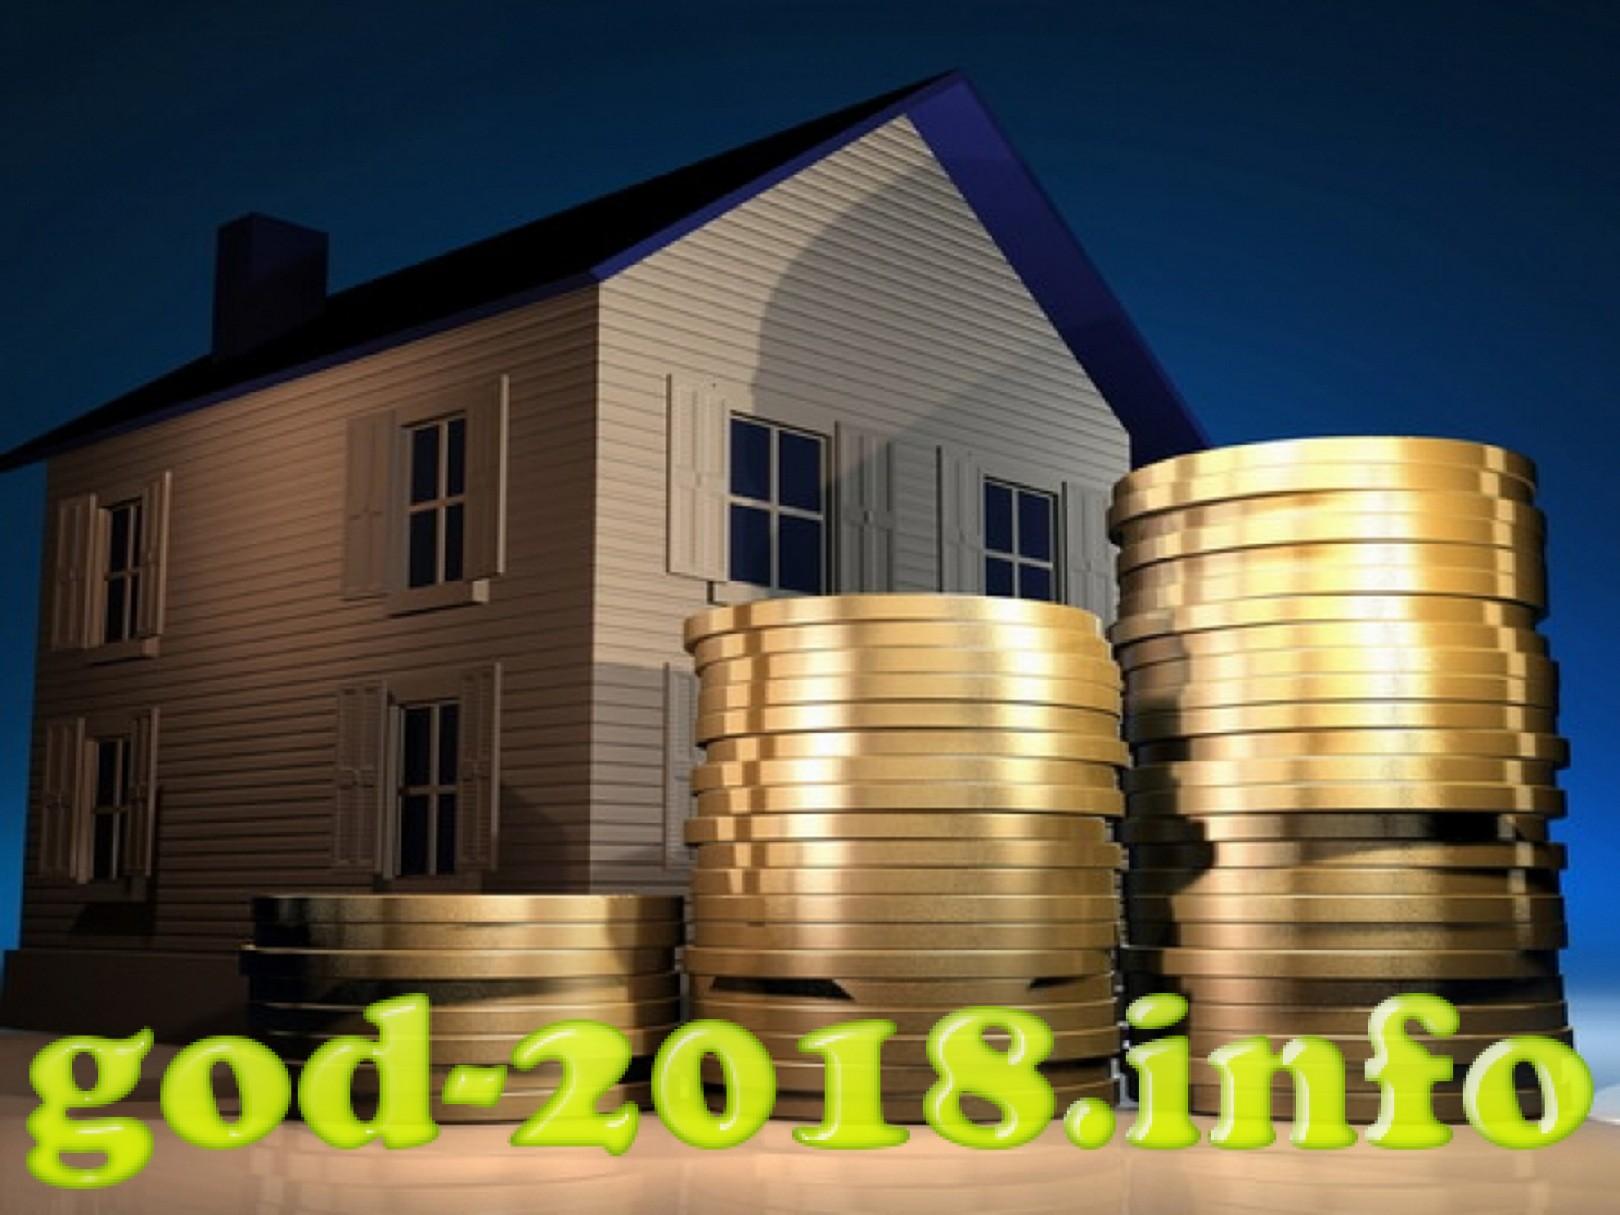 stoimost-zhilja-v-rossii-na-2018-god-interesnaja-informacija-2